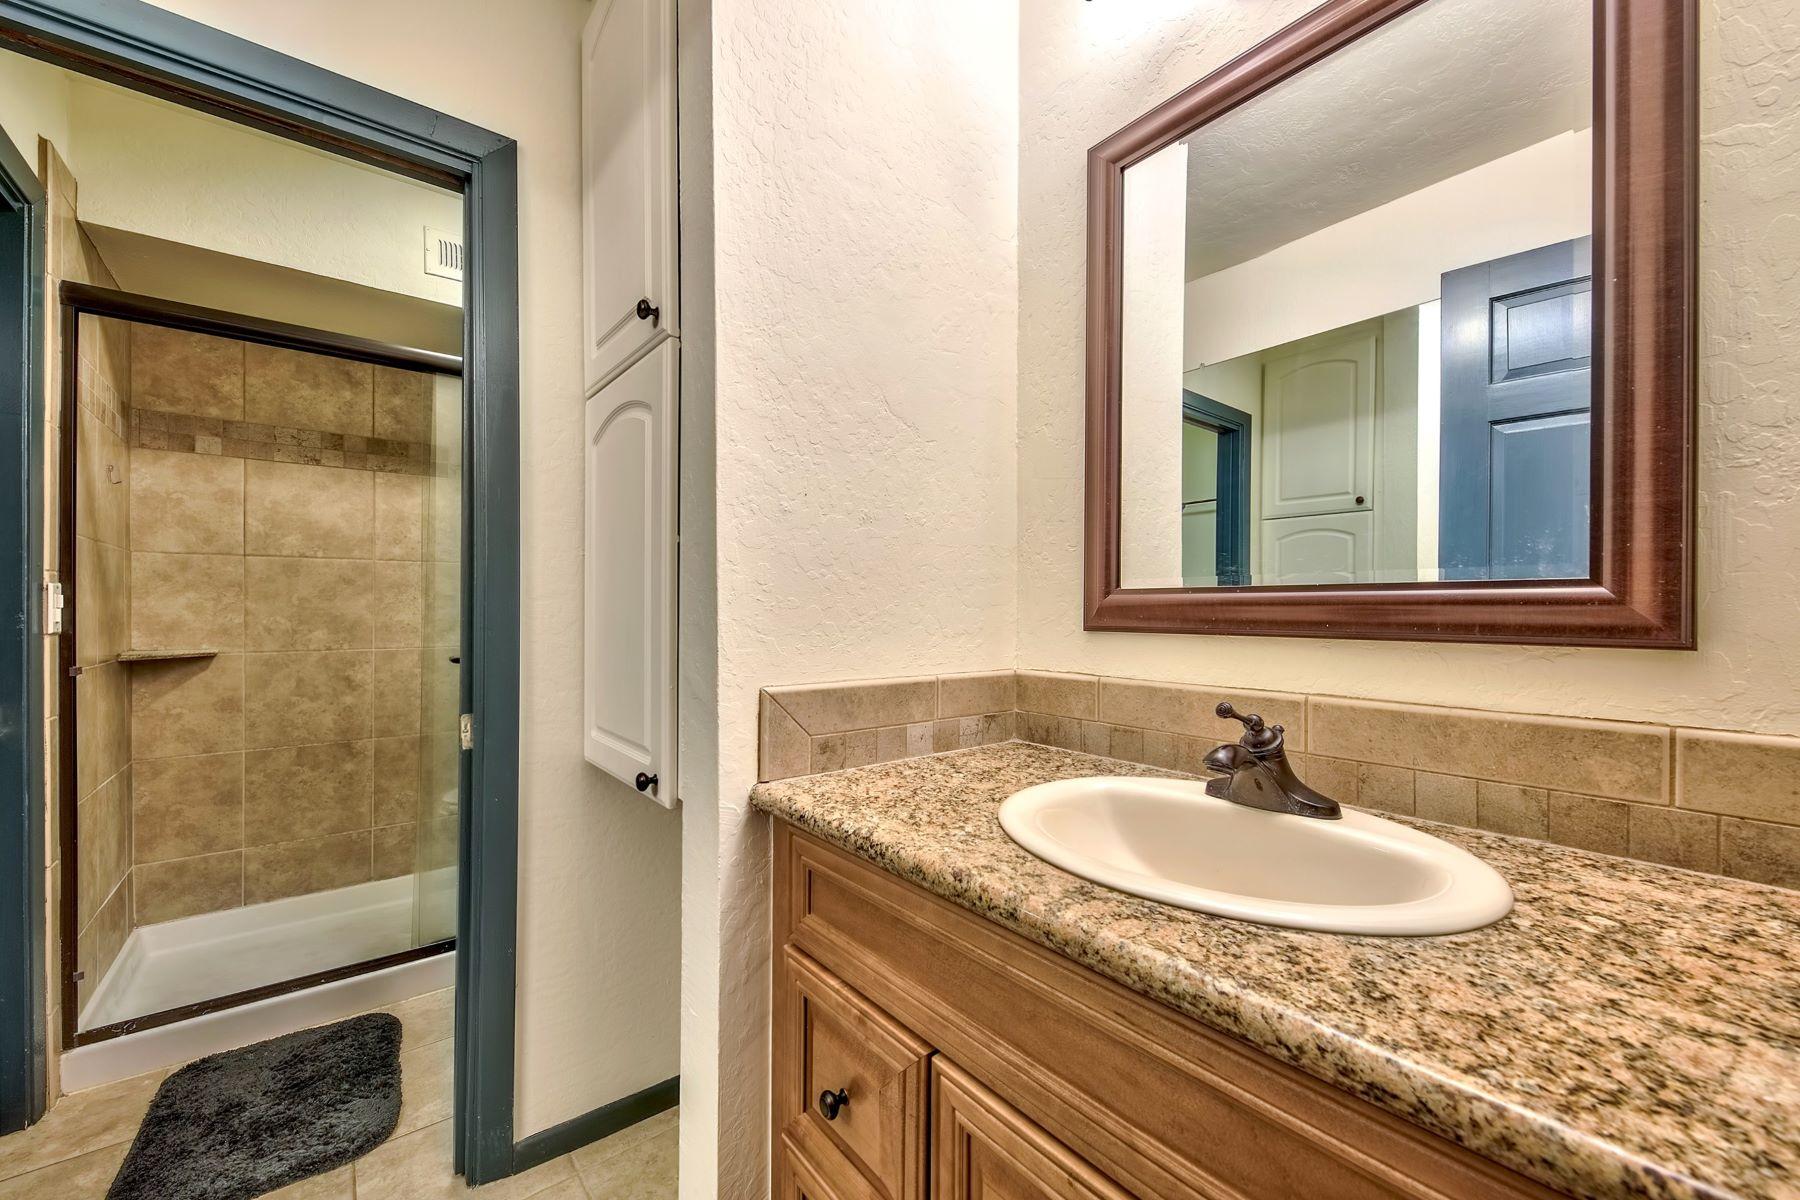 Additional photo for property listing at 941 Divot Court #2, Incline Village, NV 89451 941 Divot Court #2 Incline Village, Nevada 89451 Estados Unidos